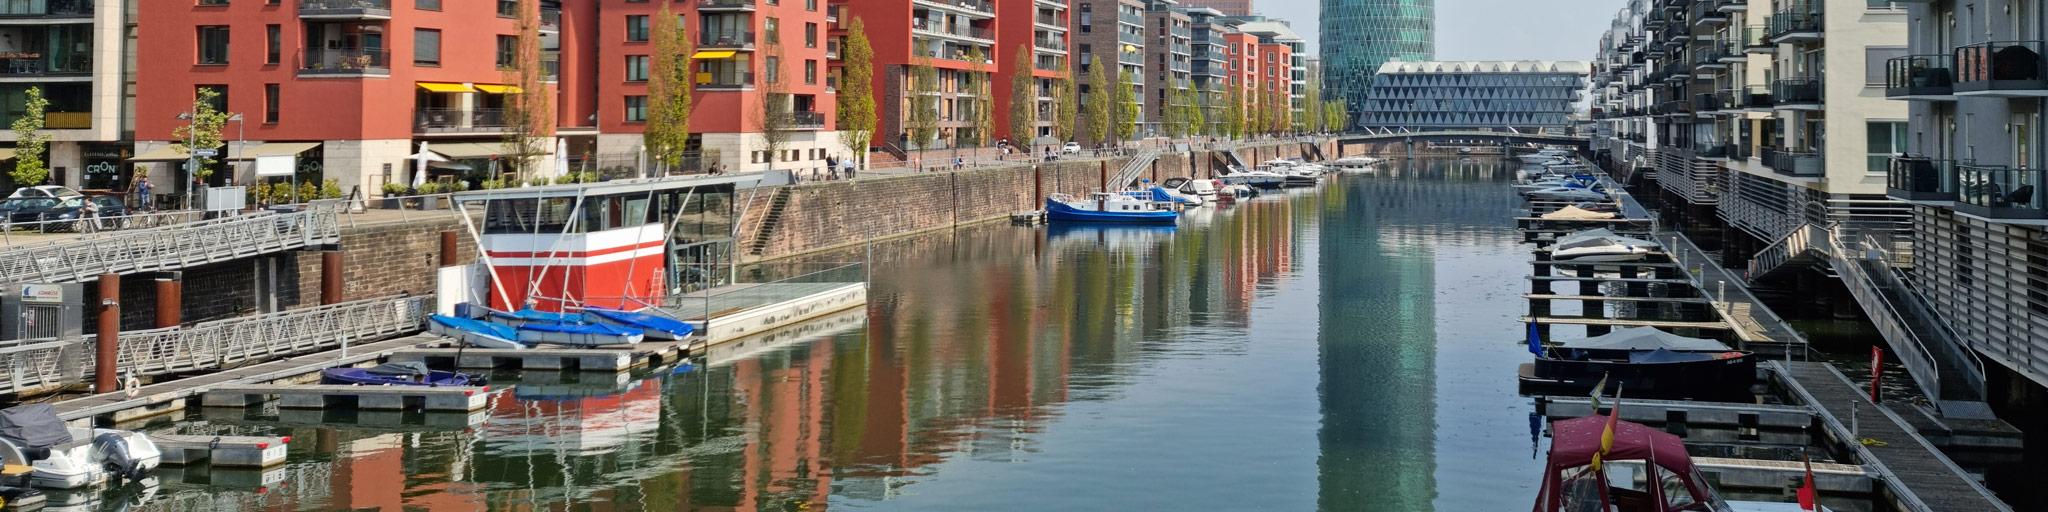 Marina Westhafen - Westhafen Marina in Frankfurt am Main